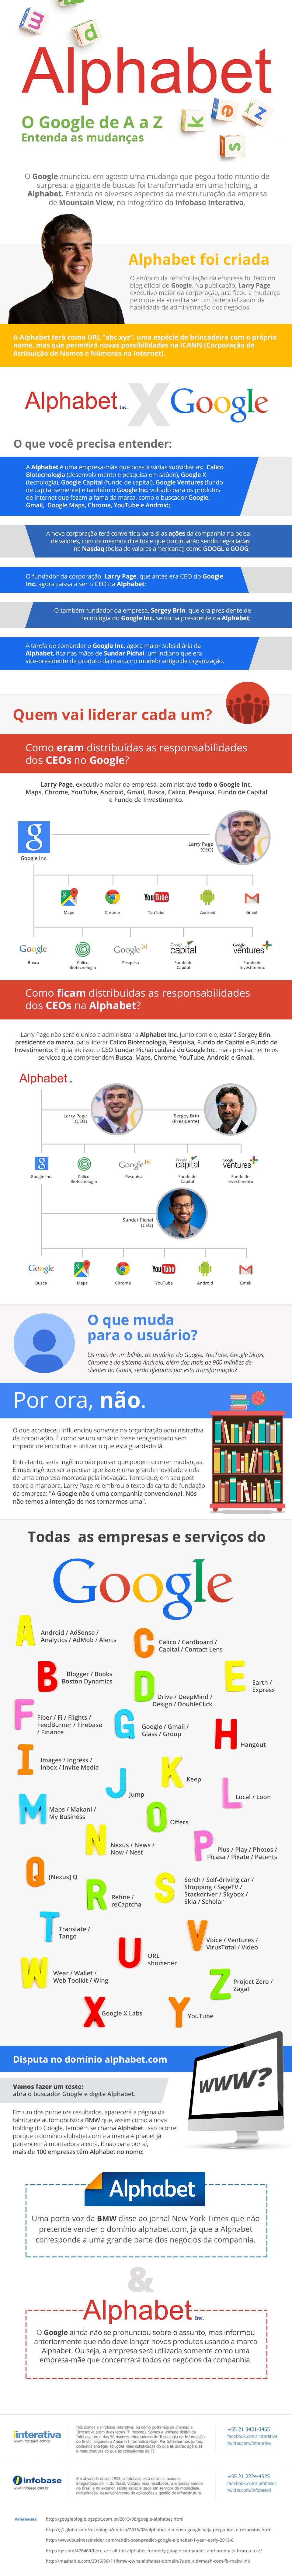 infografico-google-ALPHABET